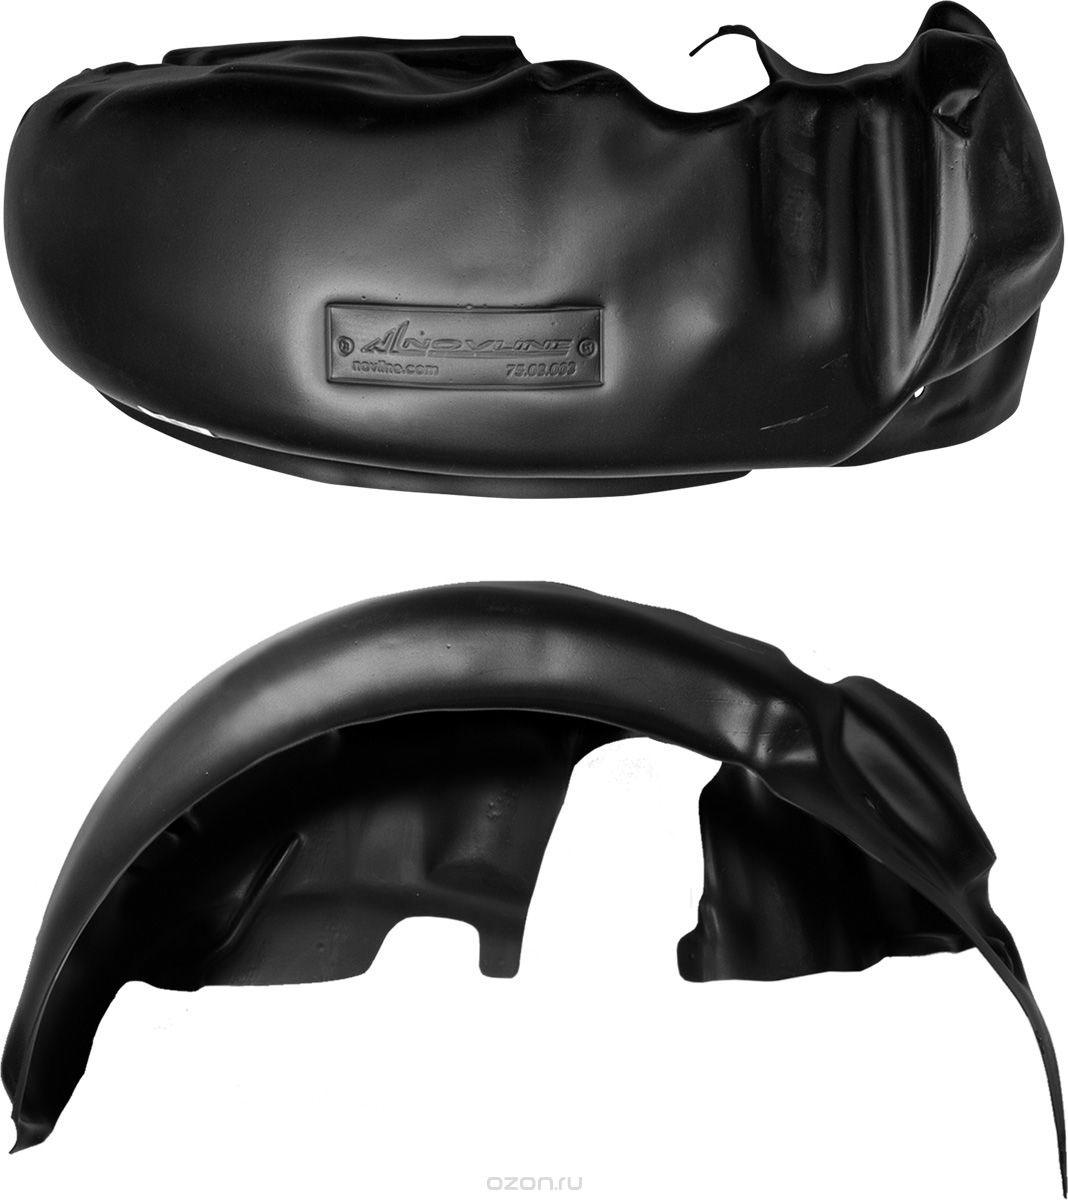 Подкрылок Novline-Autofamily, для Lada Vesta, 2015->, седан, задний правыйNLL.52.34.004Идеальная защита колесной ниши. Локеры разработаны с применением цифровых технологий, гарантируют максимальную повторяемость поверхности арки. Изделия устанавливаются без нарушения лакокрасочного покрытия автомобиля, каждый подкрылок комплектуется крепежом. Уважаемые клиенты, обращаем ваше внимание, что фотографии на подкрылки универсальные и не отражают реальную форму изделия. При этом само изделие идет точно под размер указанного автомобиля.